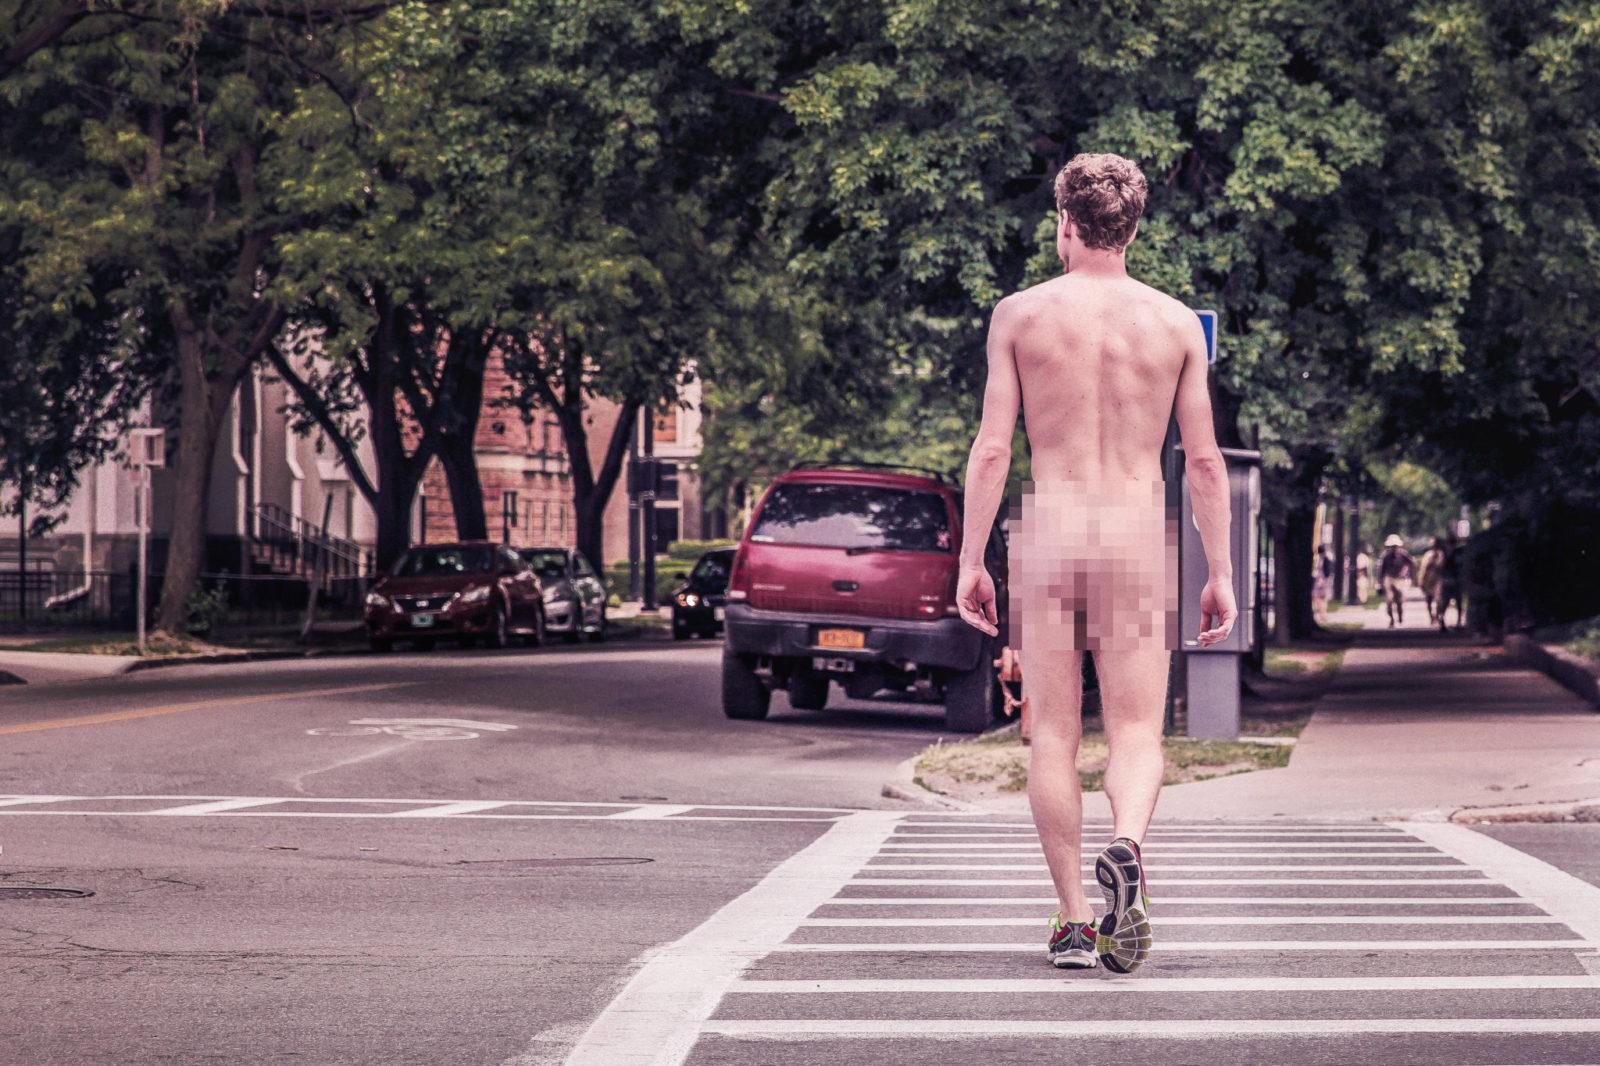 Nagi, biały mężczyzna w samych butach, idzie sobie ulicą. Widzimy go od tyłu,